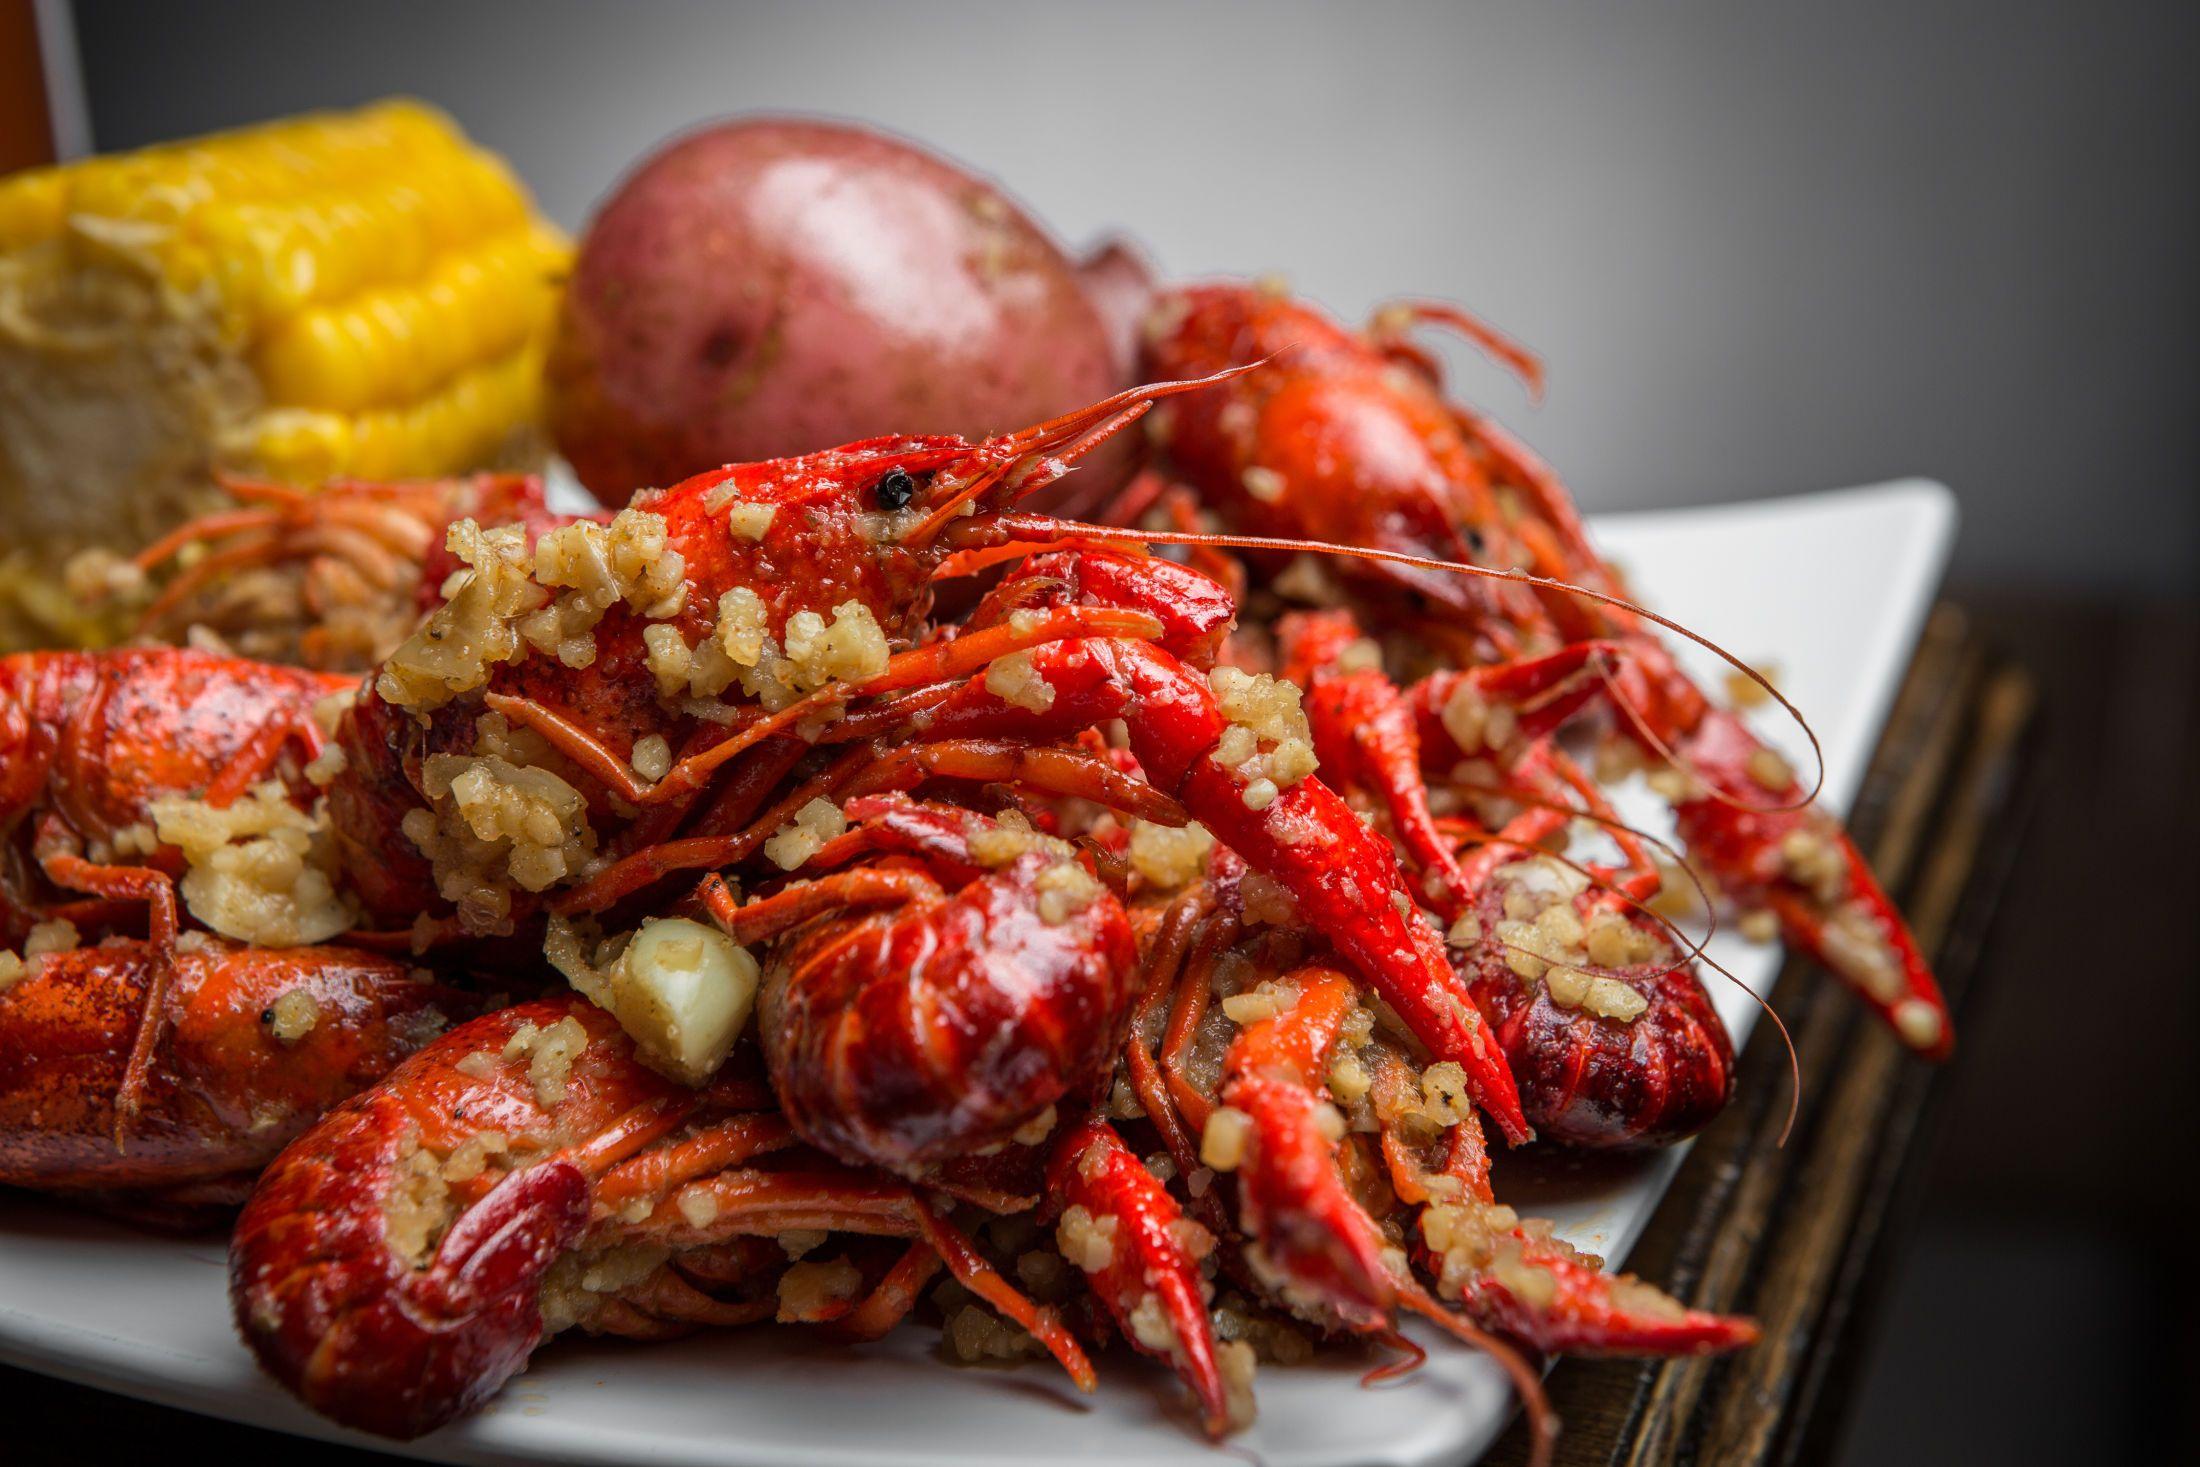 The 10 Best Places To Get Viet Cajun Crawfish In Houston Best Restaurants Houstonia Cajun Crawfish Crawfish Recipes Crawfish